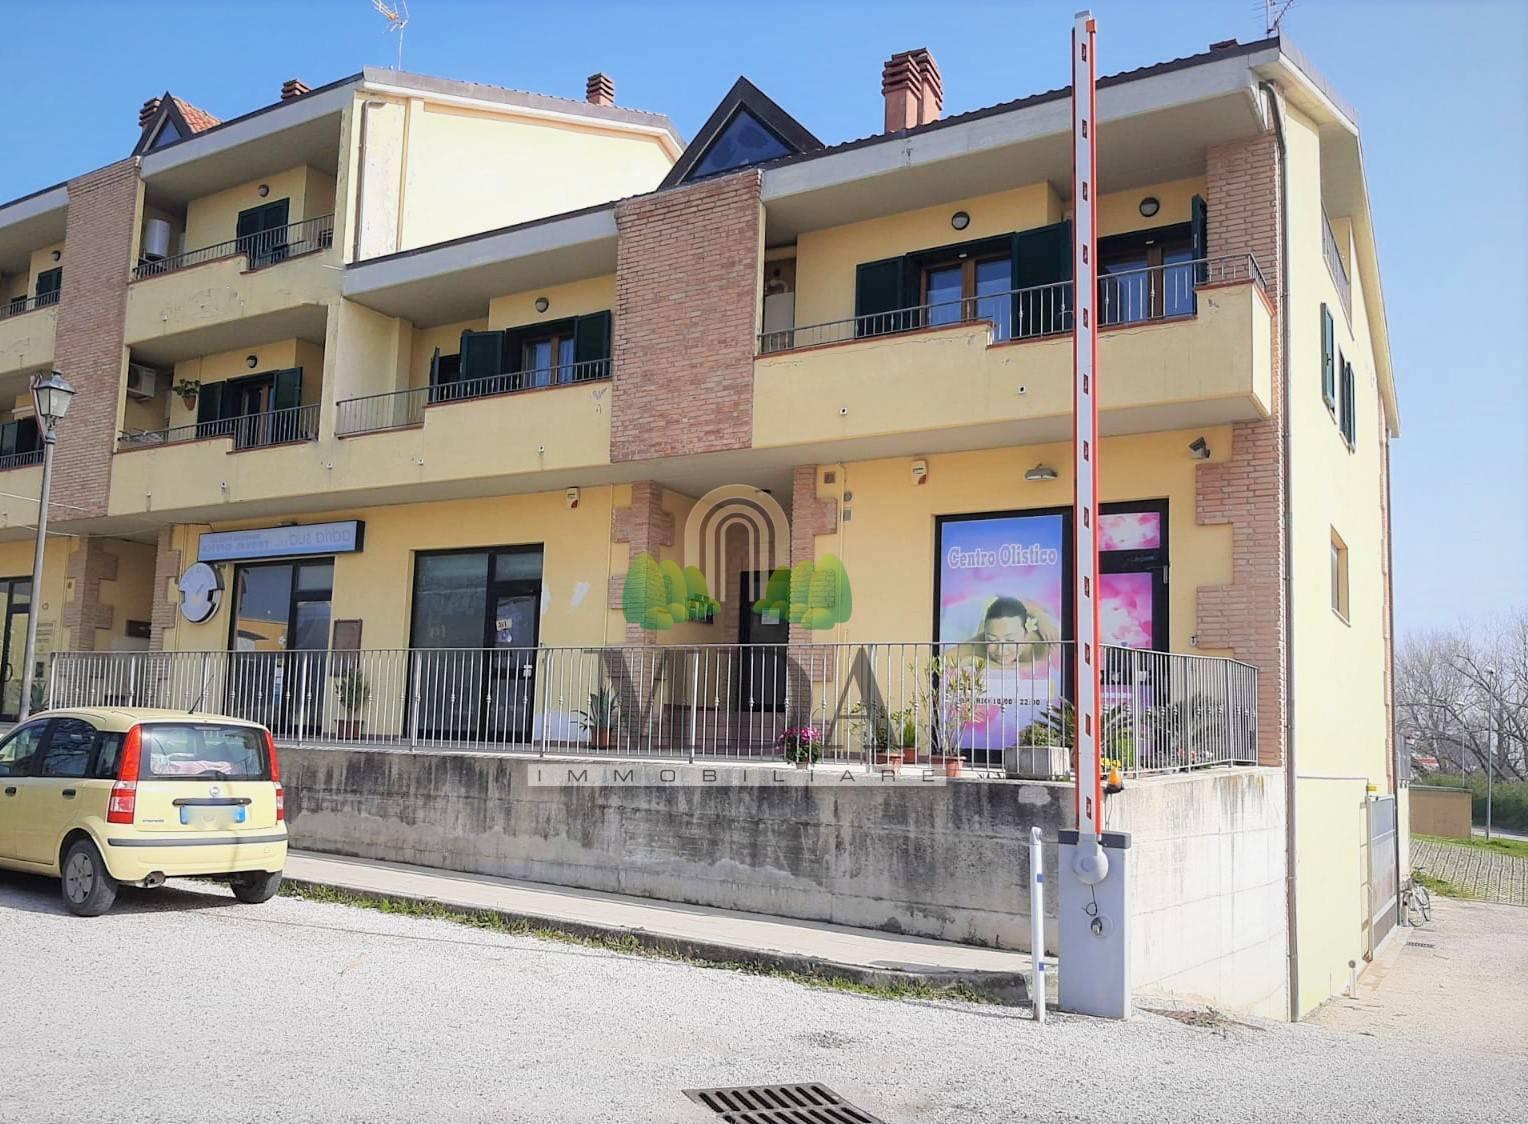 Appartamento in vendita a Colonnella, 5 locali, prezzo € 68.000 | PortaleAgenzieImmobiliari.it